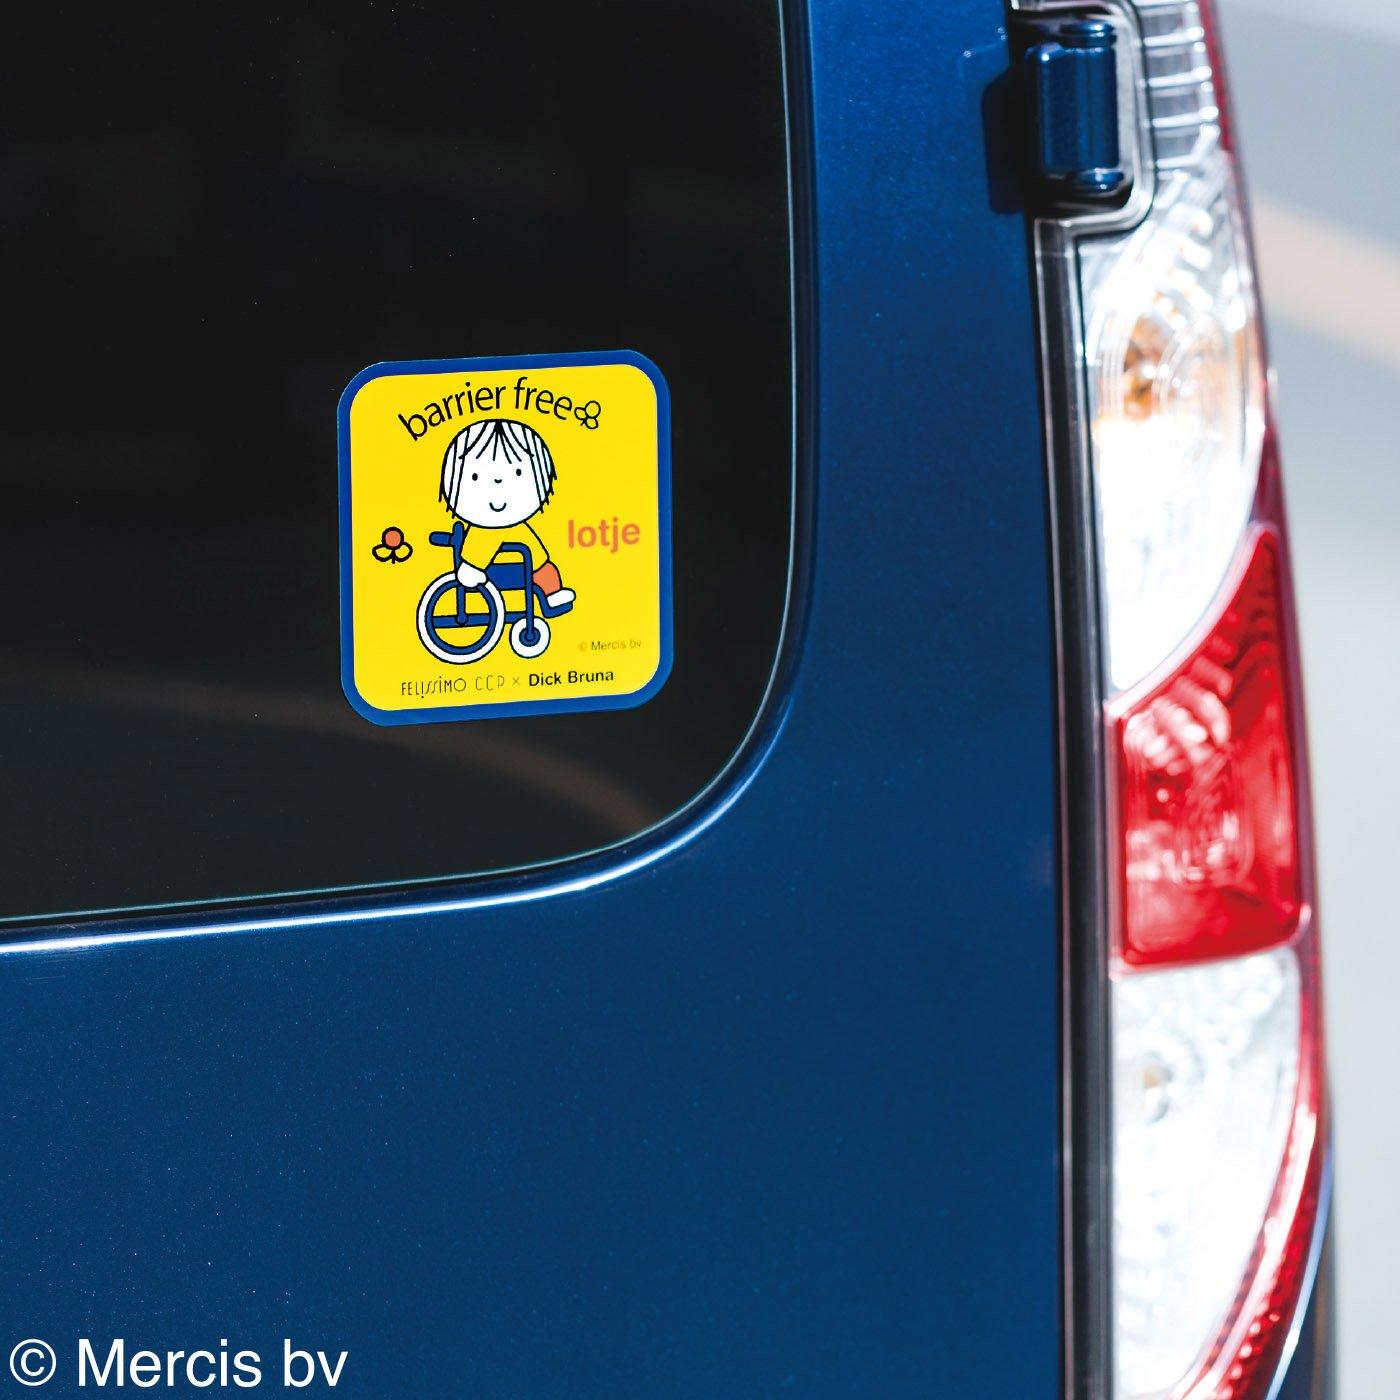 CCP×ディック・ブルーナ バリアフリー ロッテのラミネートカーステッカー